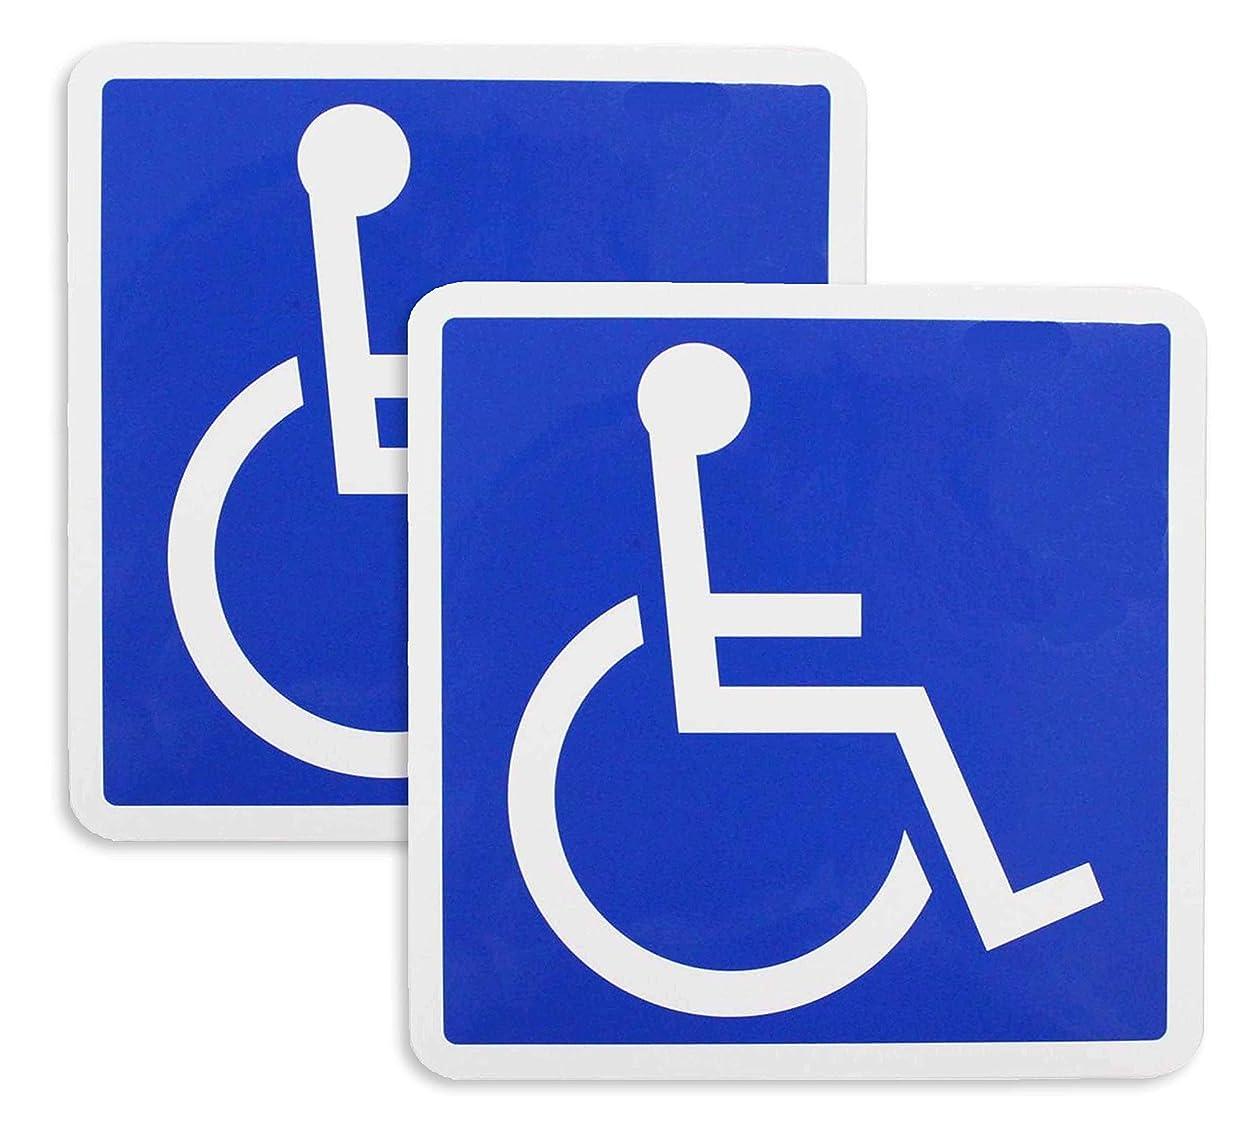 インキュバス辞書拮抗するポケット(Pocket) 国際シンボルマーク 車椅子マーク ステッカー マグネット タイプ 2枚セット